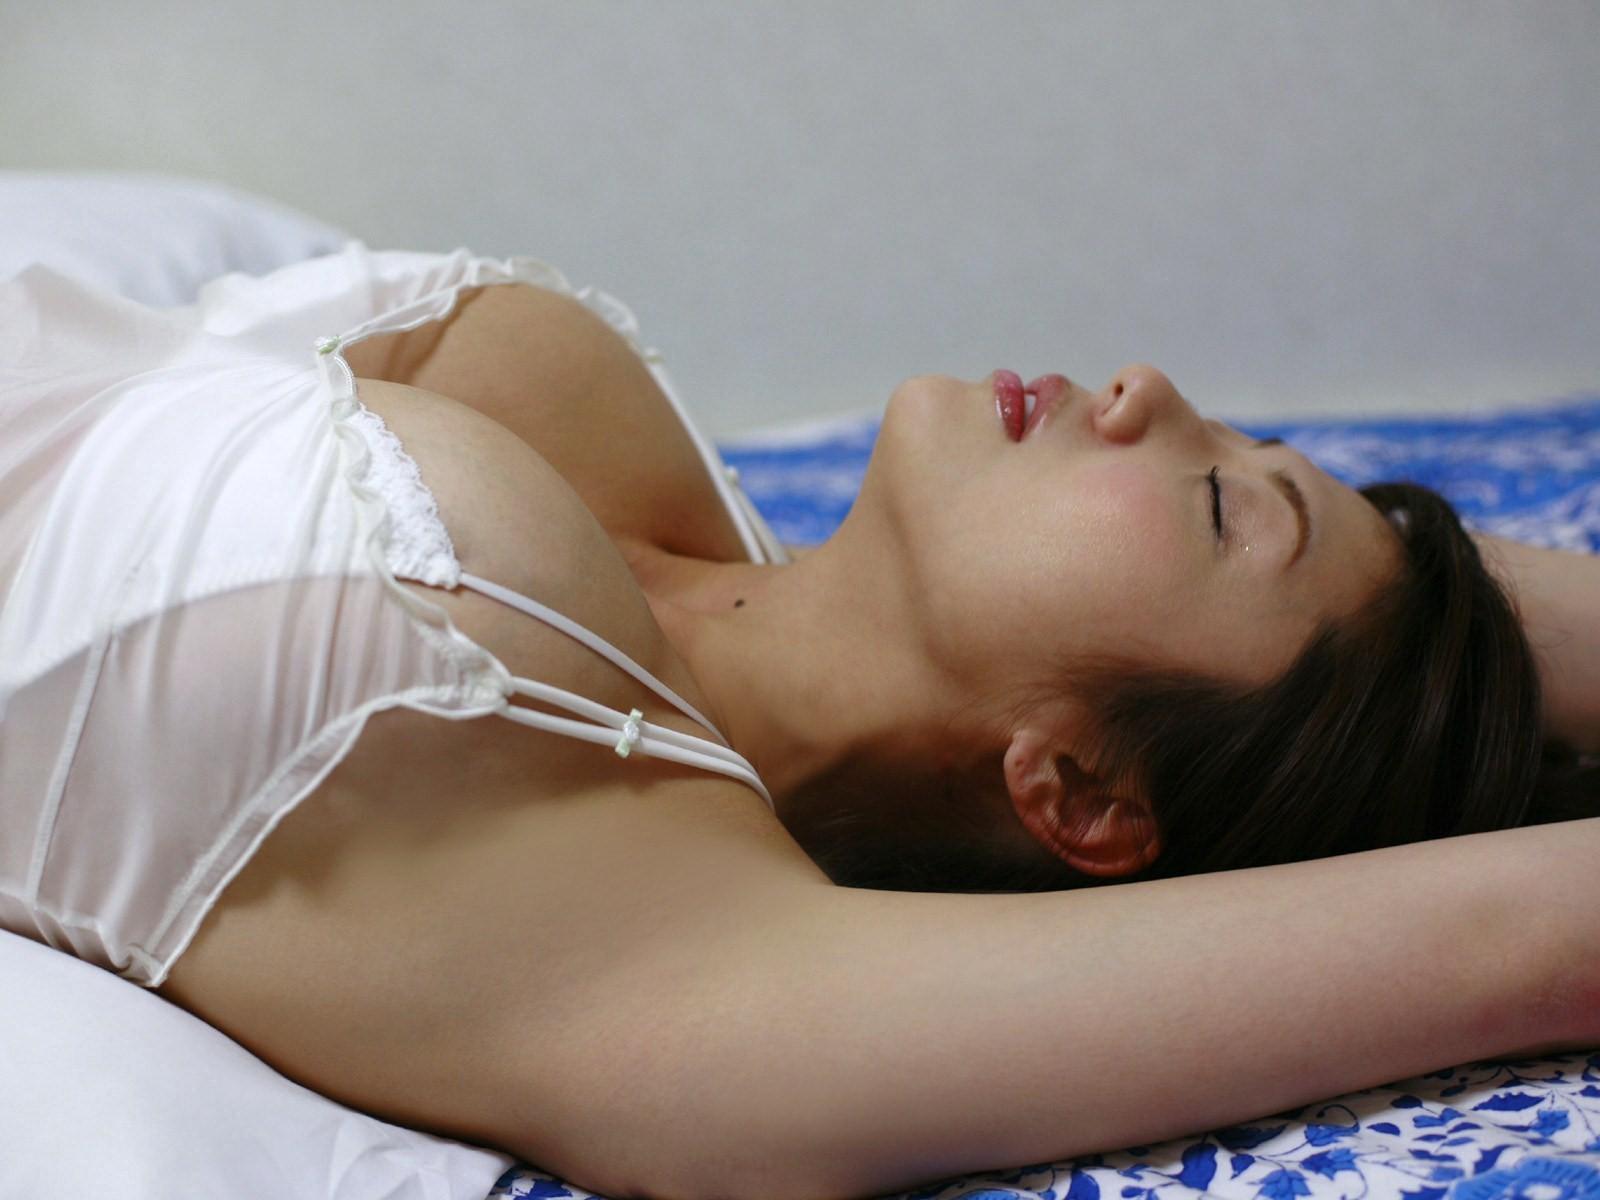 【腋フェチエロ画像】生乳はいいから…百歩譲っても舐めたい美女の腋www 24